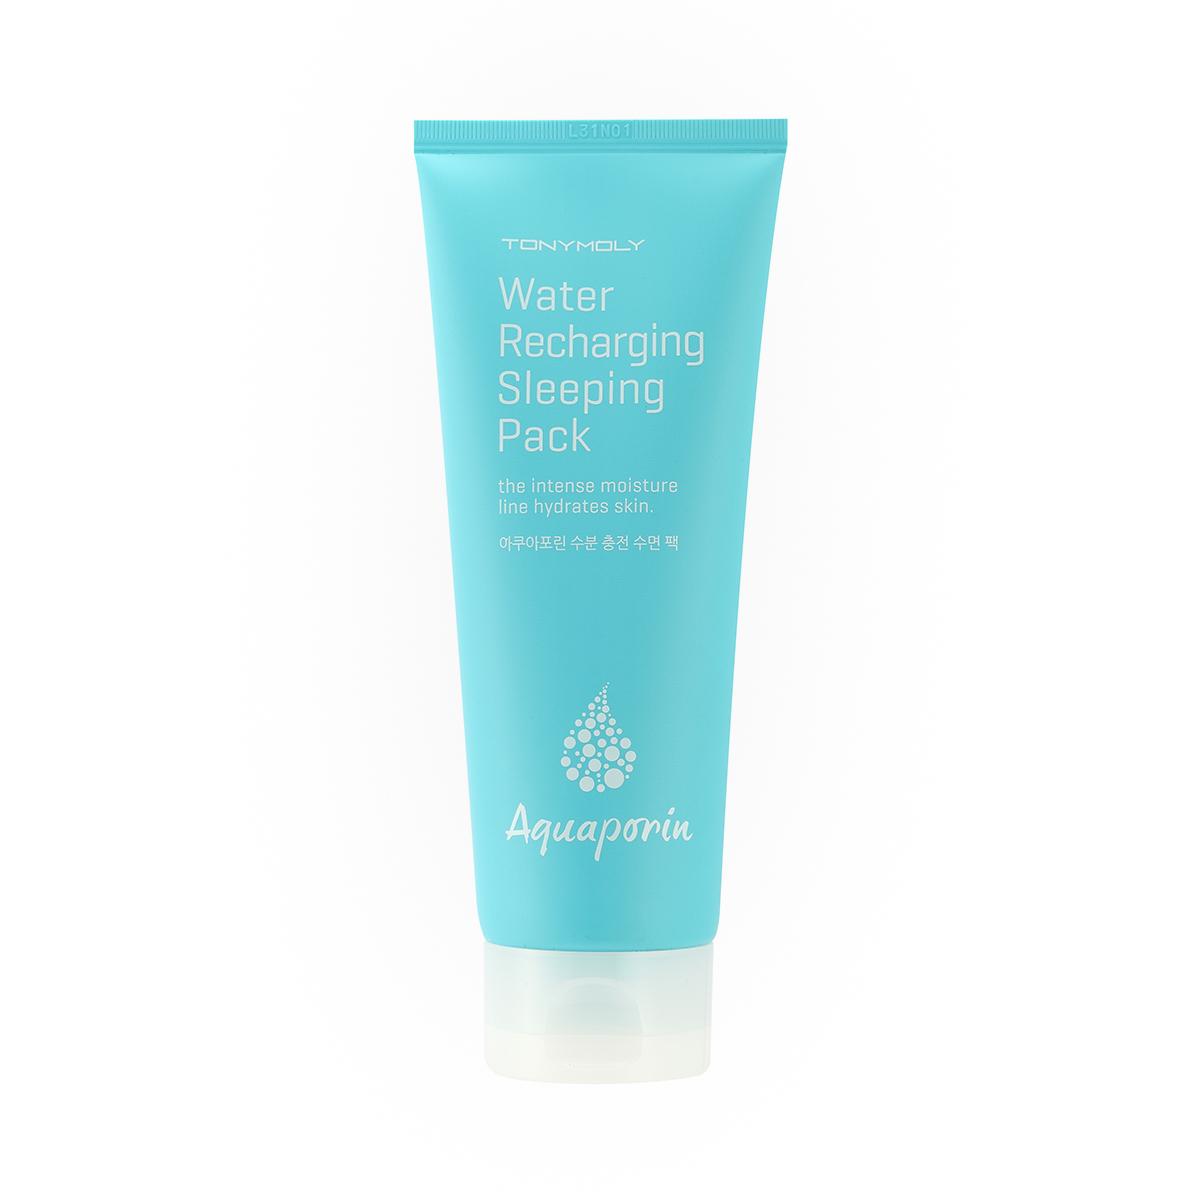 TonyMoly Ночная маска для лица Aquaporin Water Recharging Sleeping Pack, 120 млSS04019000Высокоэффективная ночная маска для лица с интенсивным успокаивающим и увлажняющим воздействием. Маска способствует восстановлению и питанию кожи, позволяет ей выглядеть свежей, отдохнувшей и сияющей. Маска идеально подходит для сухой, потерявшей упругость и эластичность кожи, нуждающейся в интенсивном увлажнении и усилении регенерационных способностей. Маска содержит запатентованный комплекс Аквапорин, разработанный специально для глубокого увлажнения кожи, продления ее молодости и препятствующий появлению шелушений и раздражения кожи. Морские водоросли и гиалуроновая кислота восстанавливают кожу, усиливая синтез коллагена. Объем: 120 мл